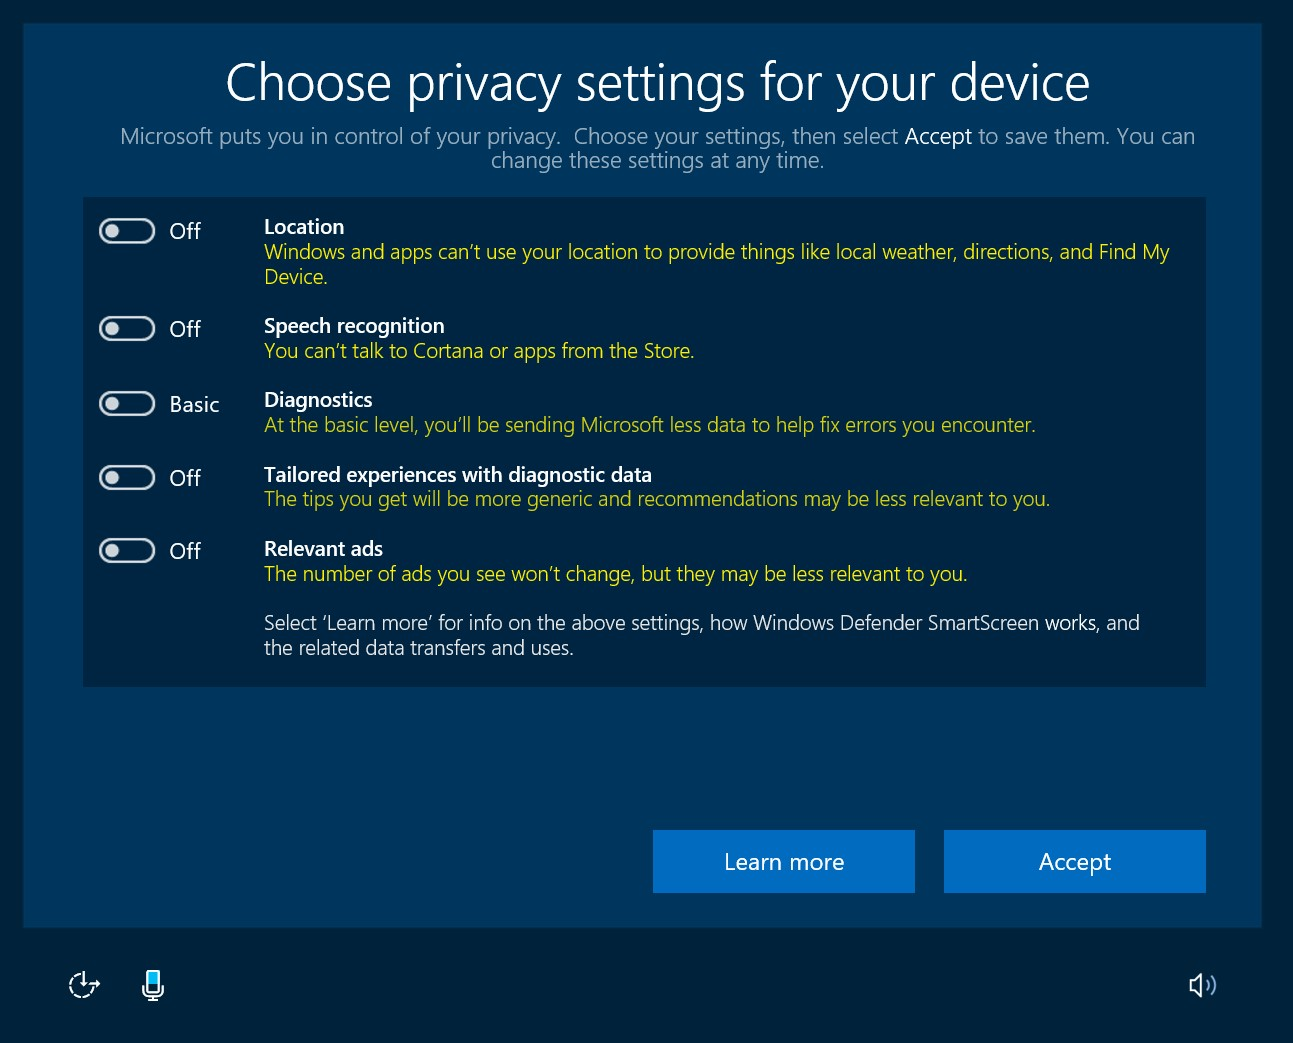 Les paramètres de confidentialité lorsque les options sont désactivées (Image: Microsoft).